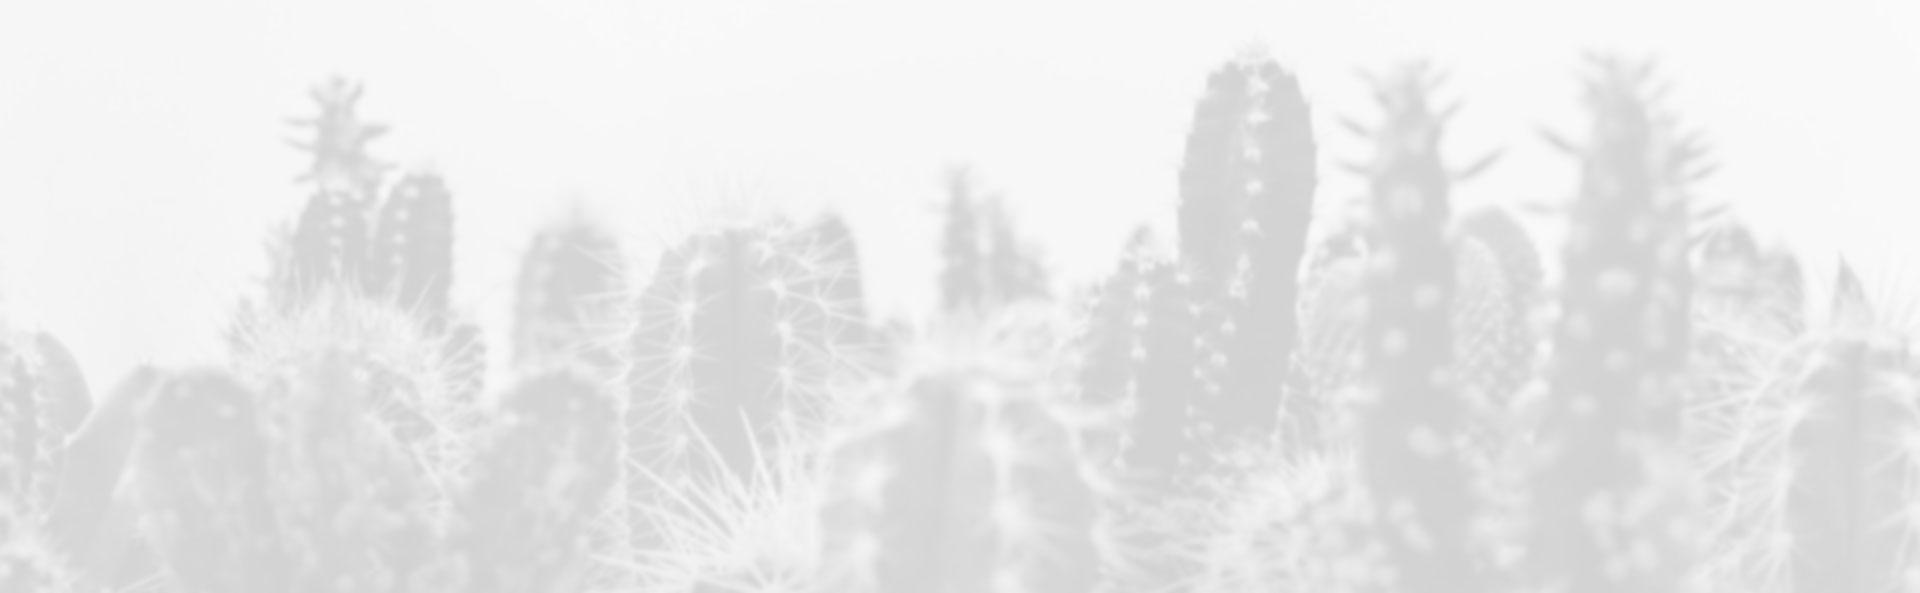 fond cactus